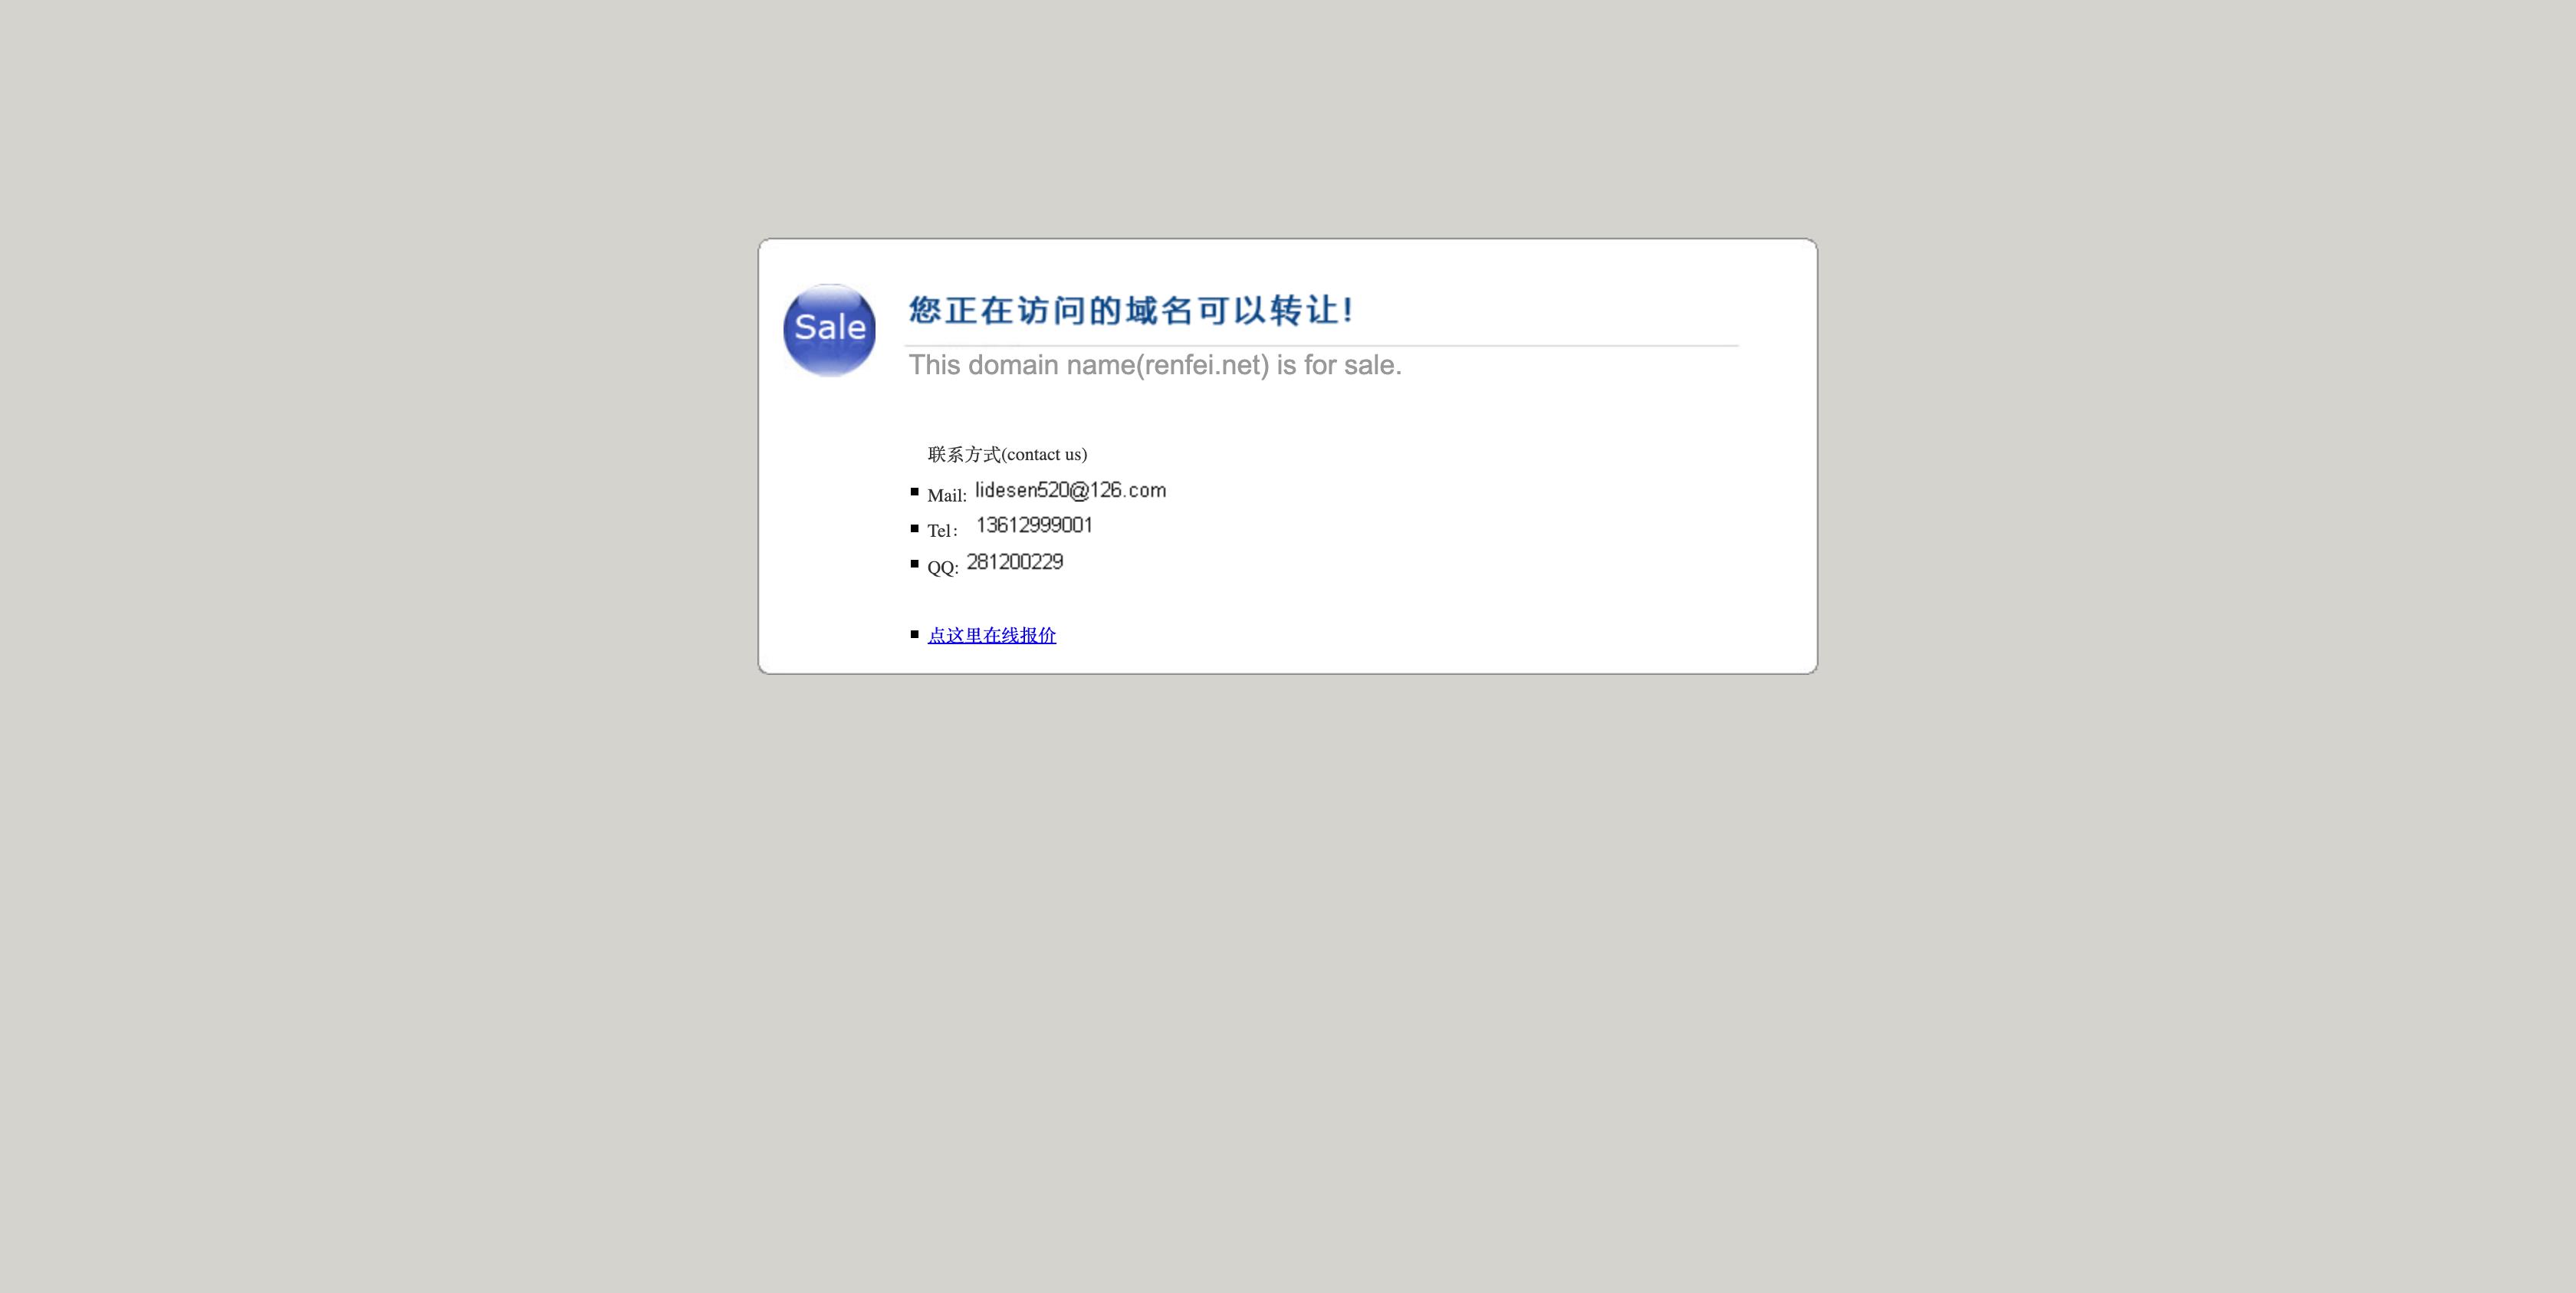 renfei.net在2014年的首页